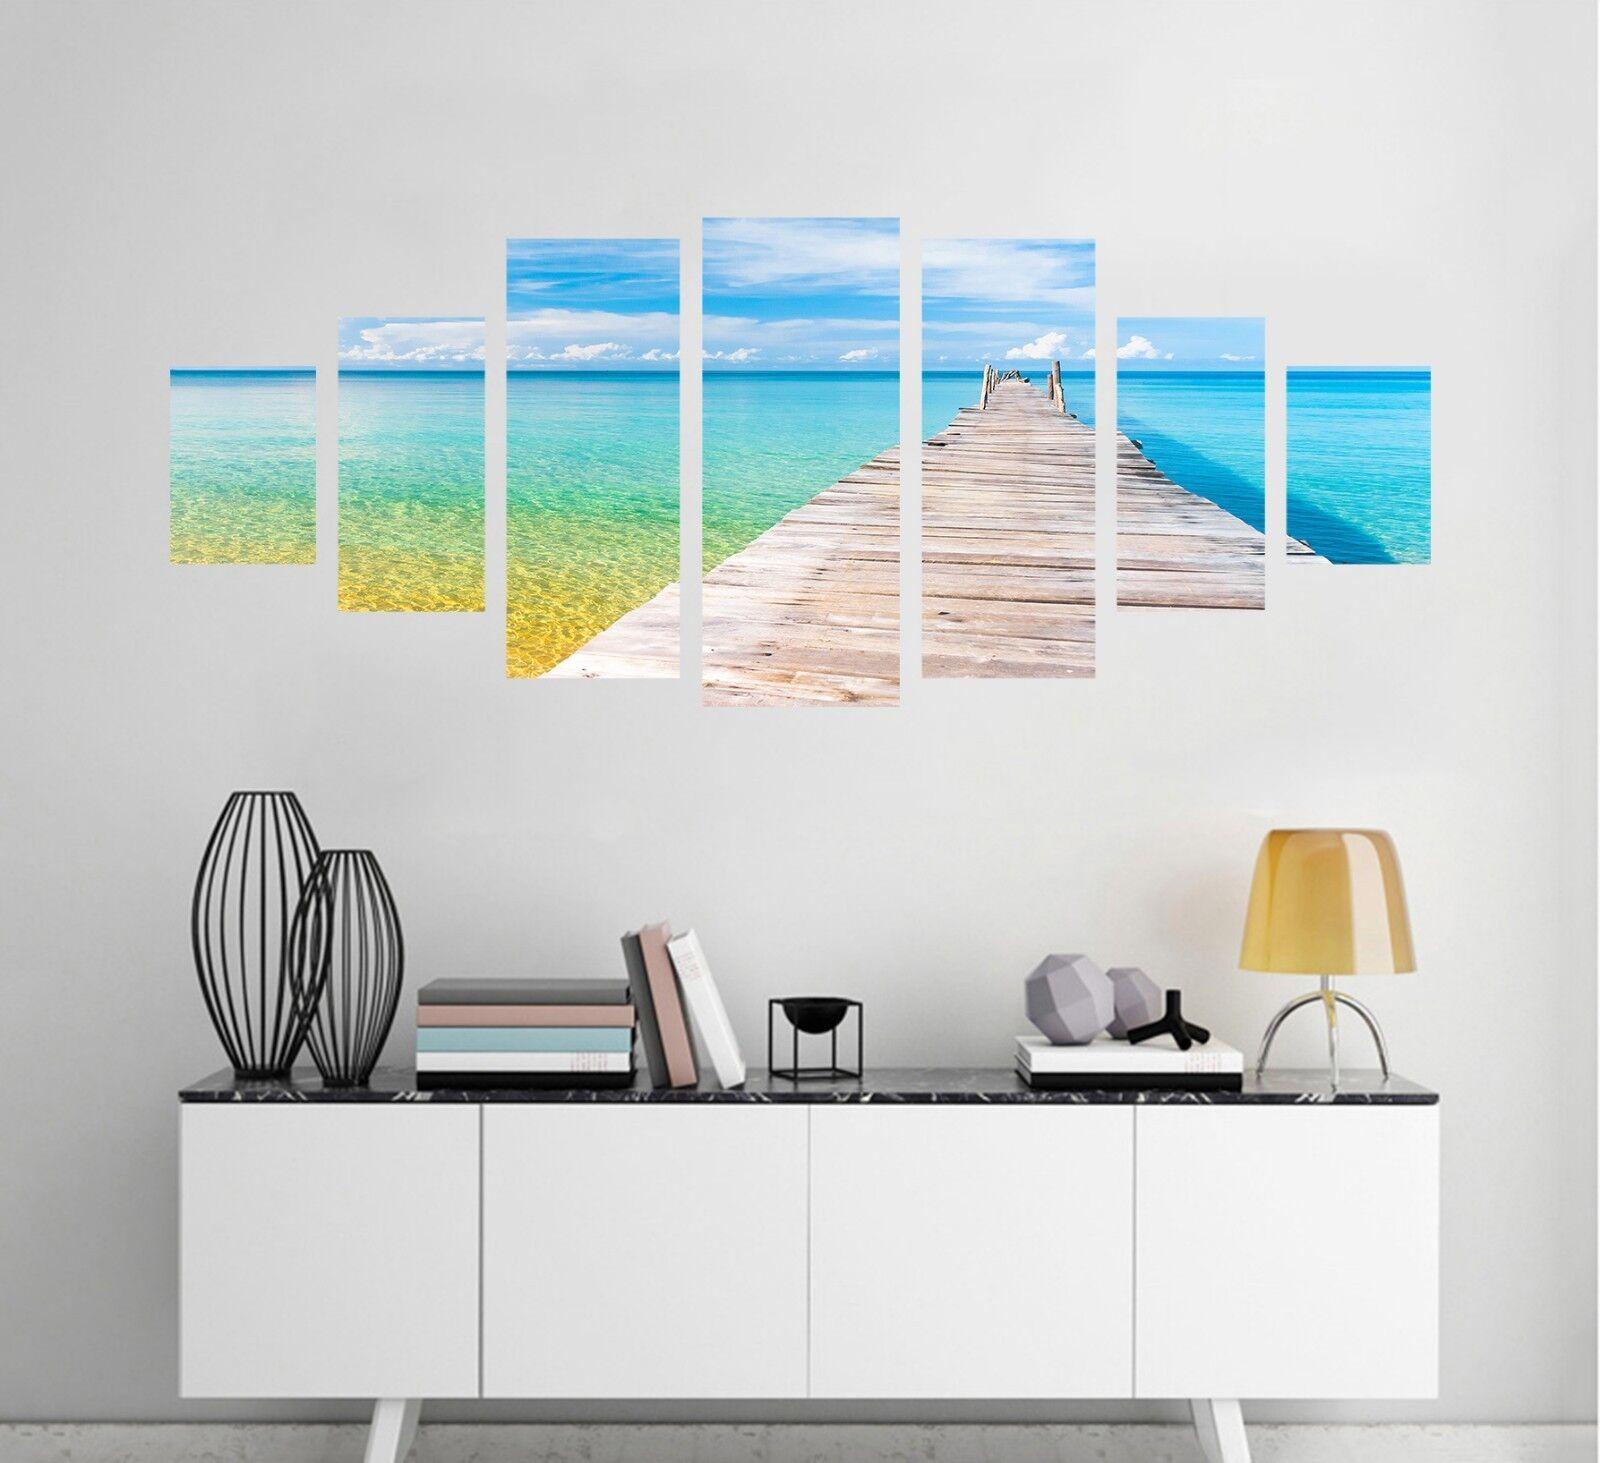 3D Board Bridge Sea 128 Unframed Print Wall Paper Deco Indoor AJ Summer